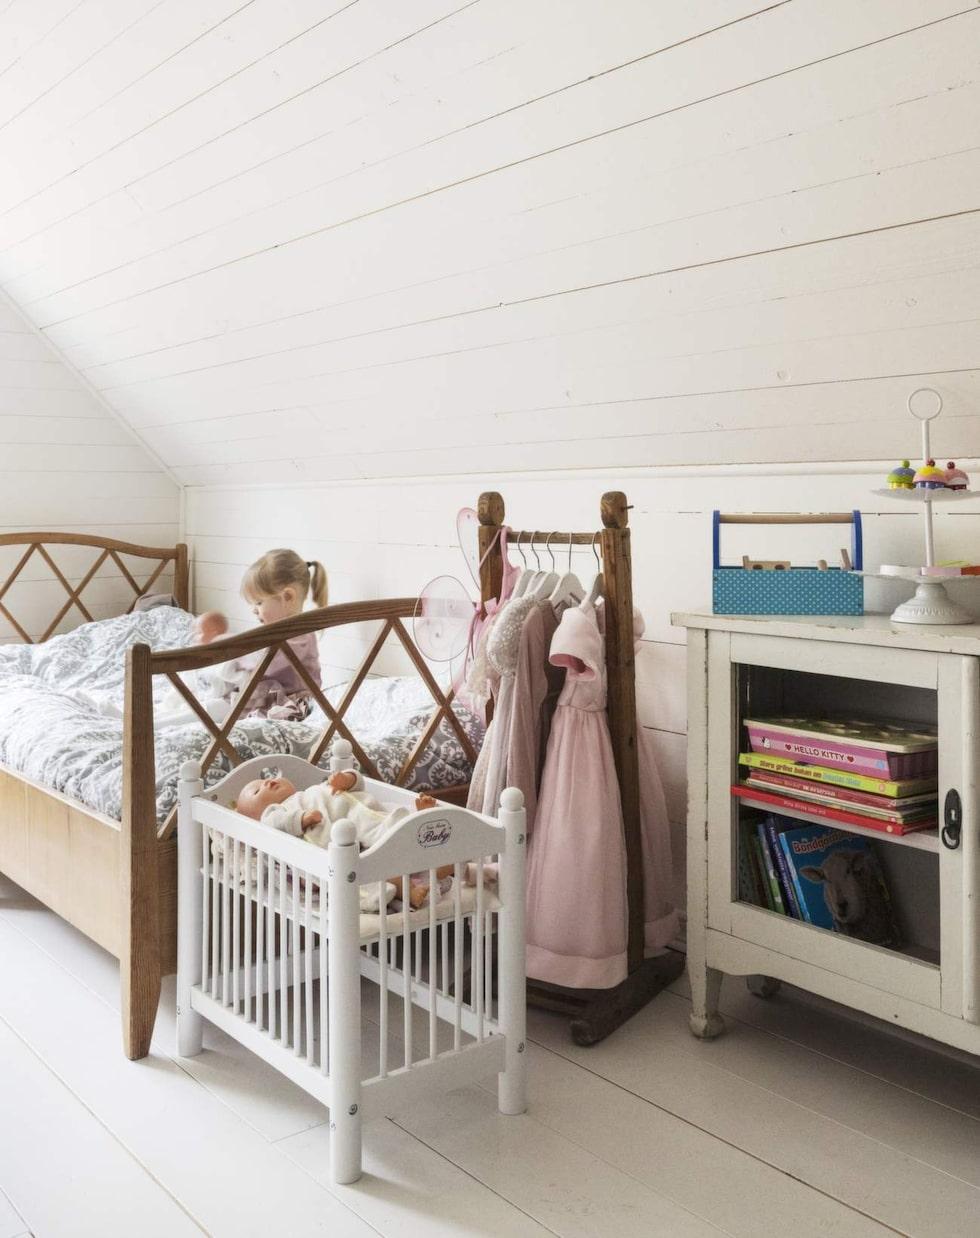 En blandning av gamla och nya möbler passar bra i barnrum. Kolla in second hand-marknaden!